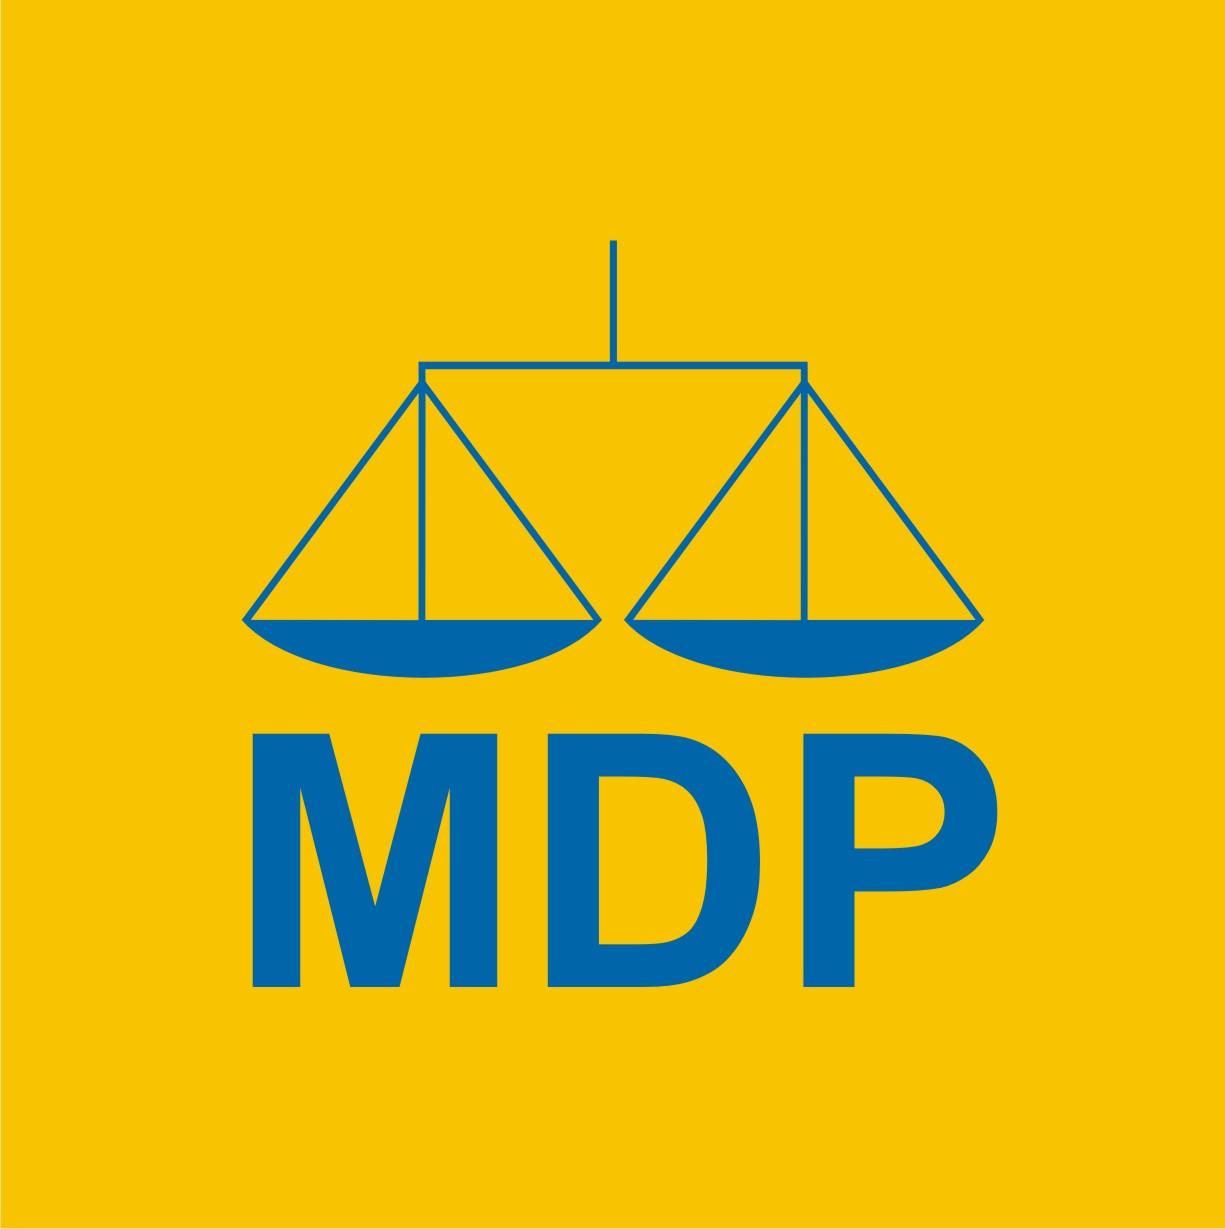 mdp-logo-original